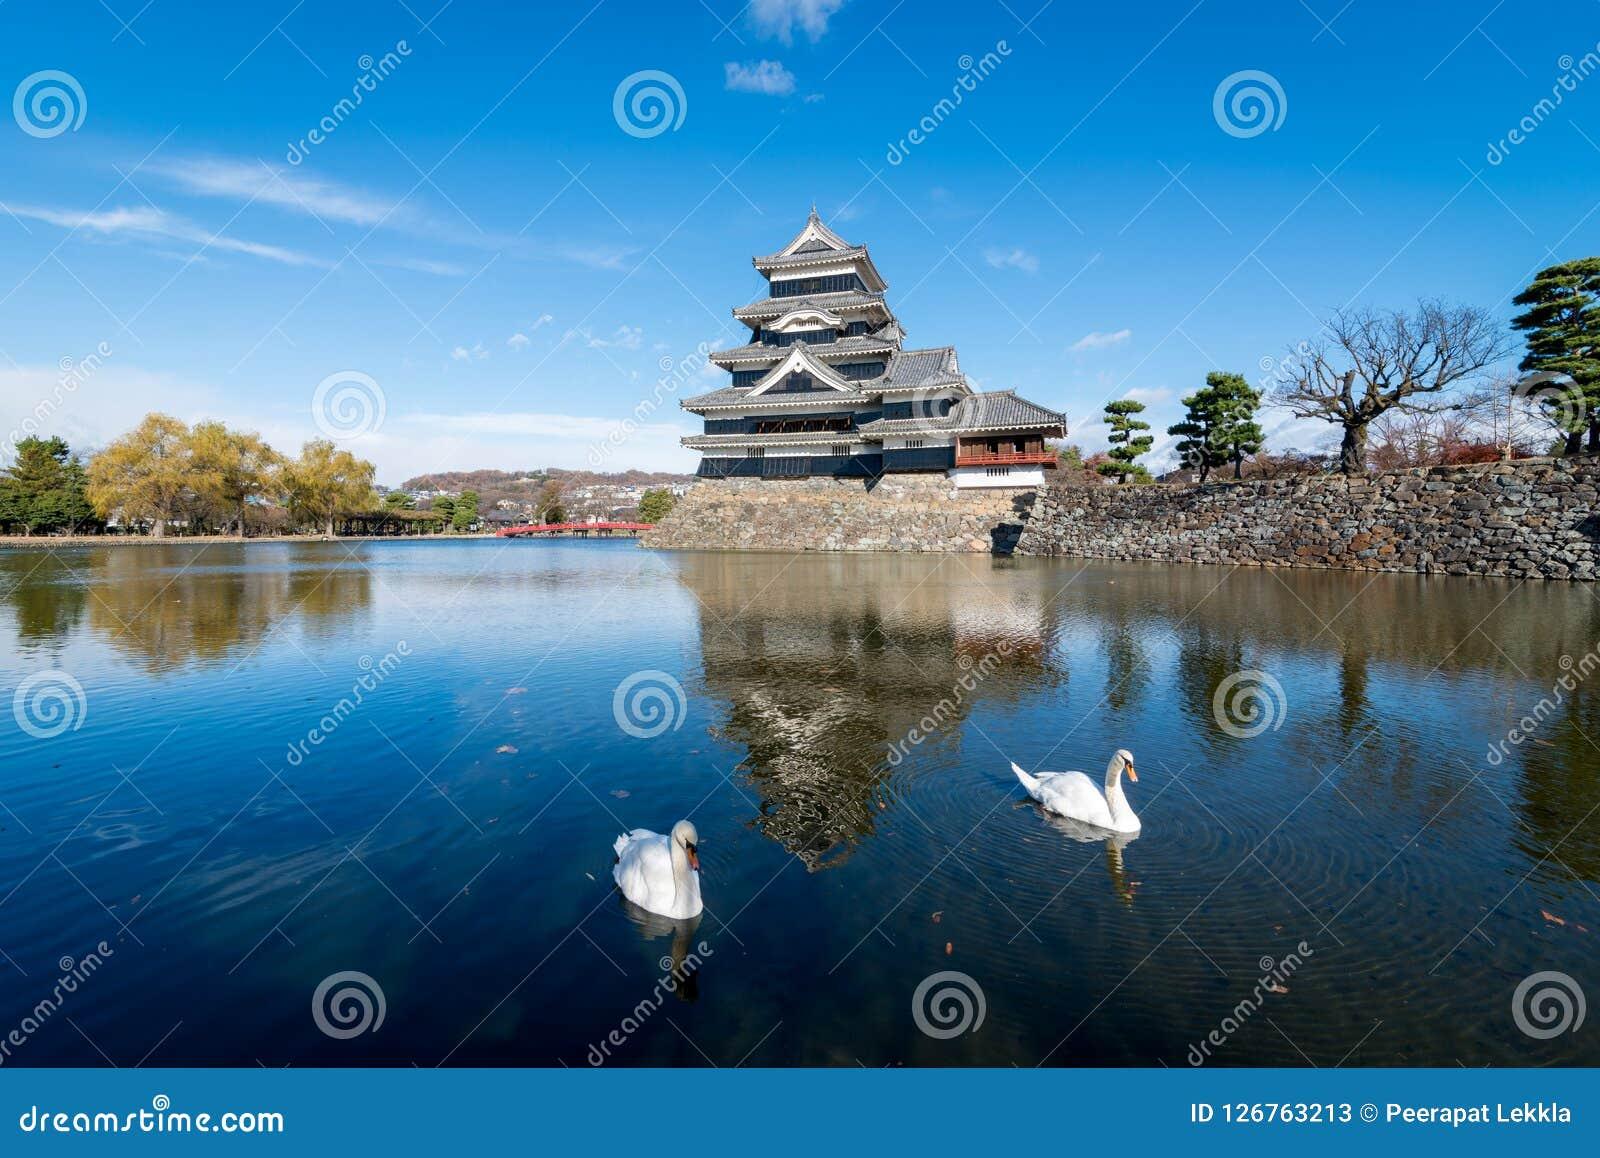 Αντανάκλαση του κάστρου του Ματσουμότο με τους κύκνους στο Ματσουμότο, Ναγκάνο, Ιαπωνία